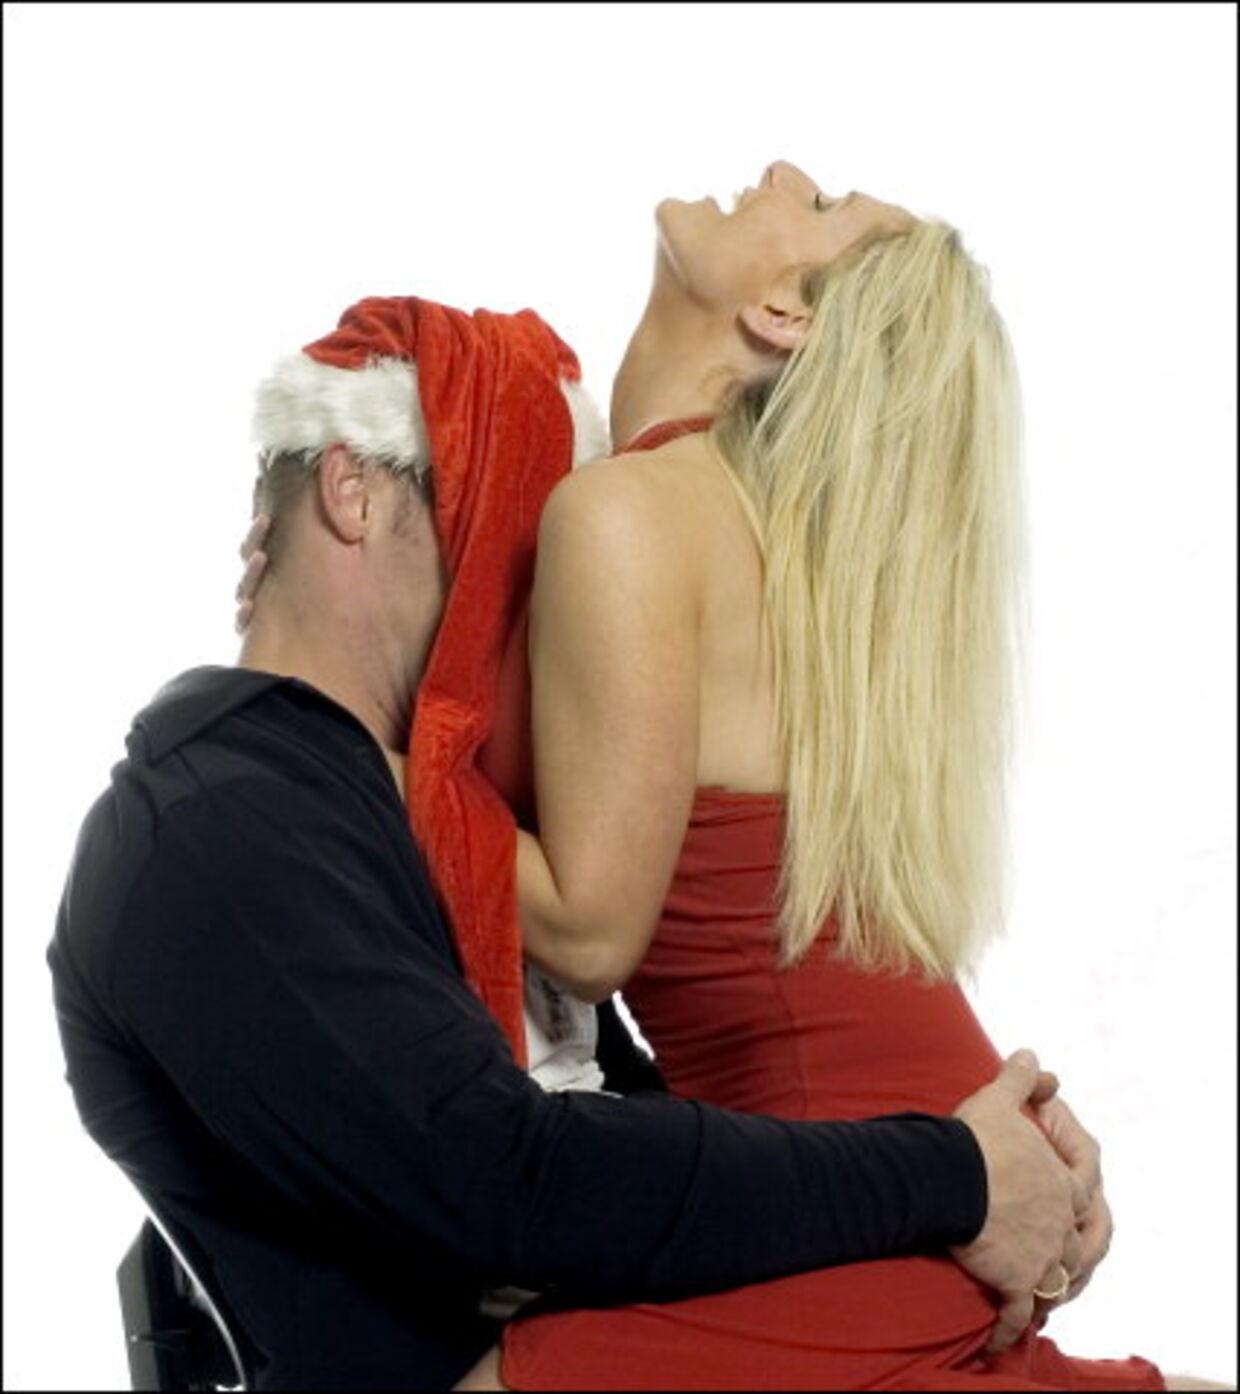 Julefrokoster får hvert år mange mænd til at bestille en dna-test af deres børn.